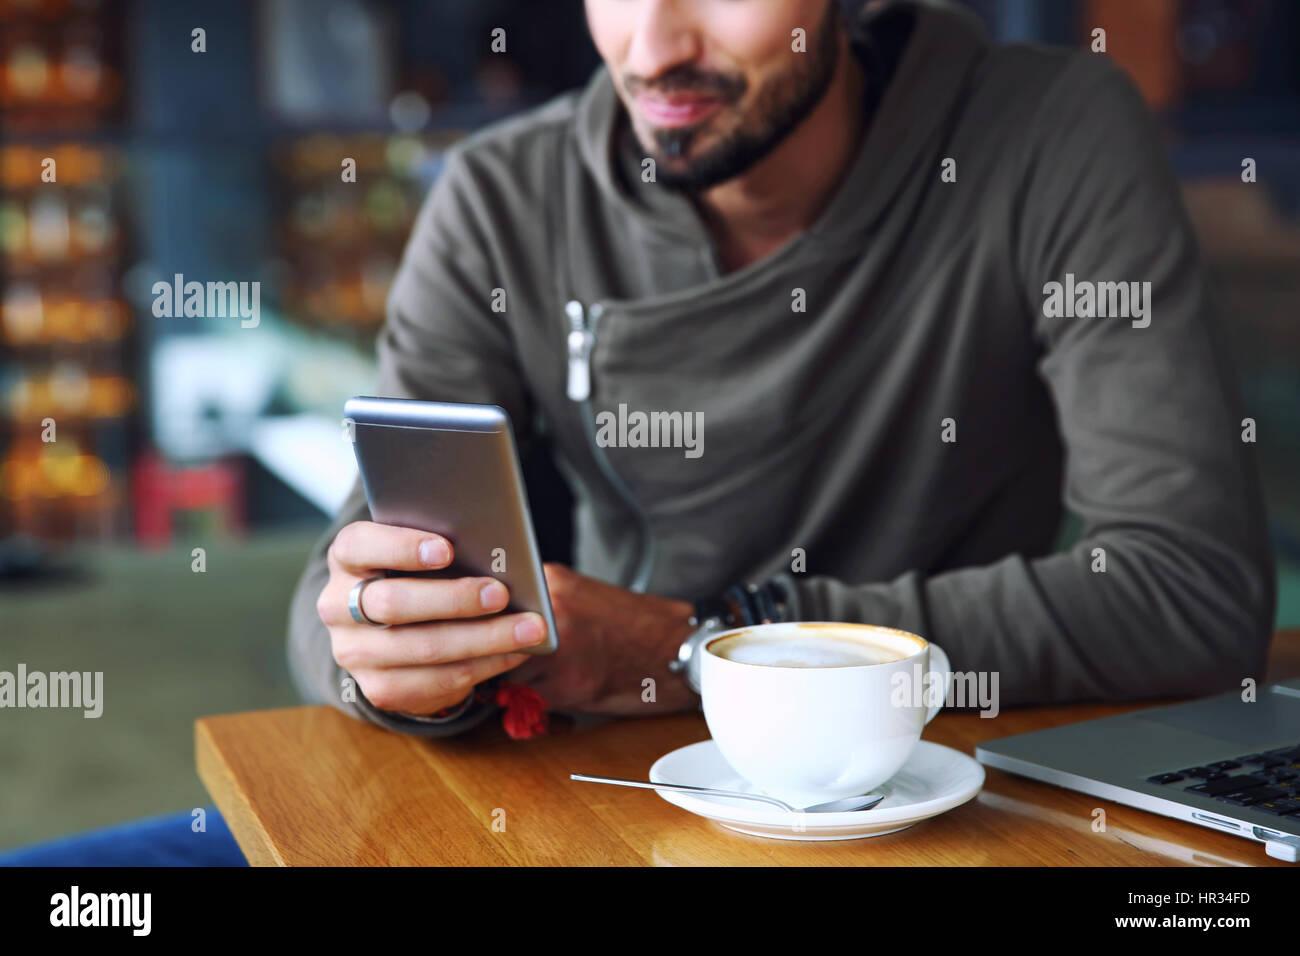 Beau jeune hipster joyeux guy au restaurant en utilisant un téléphone mobile, les mains de près. Photo Stock